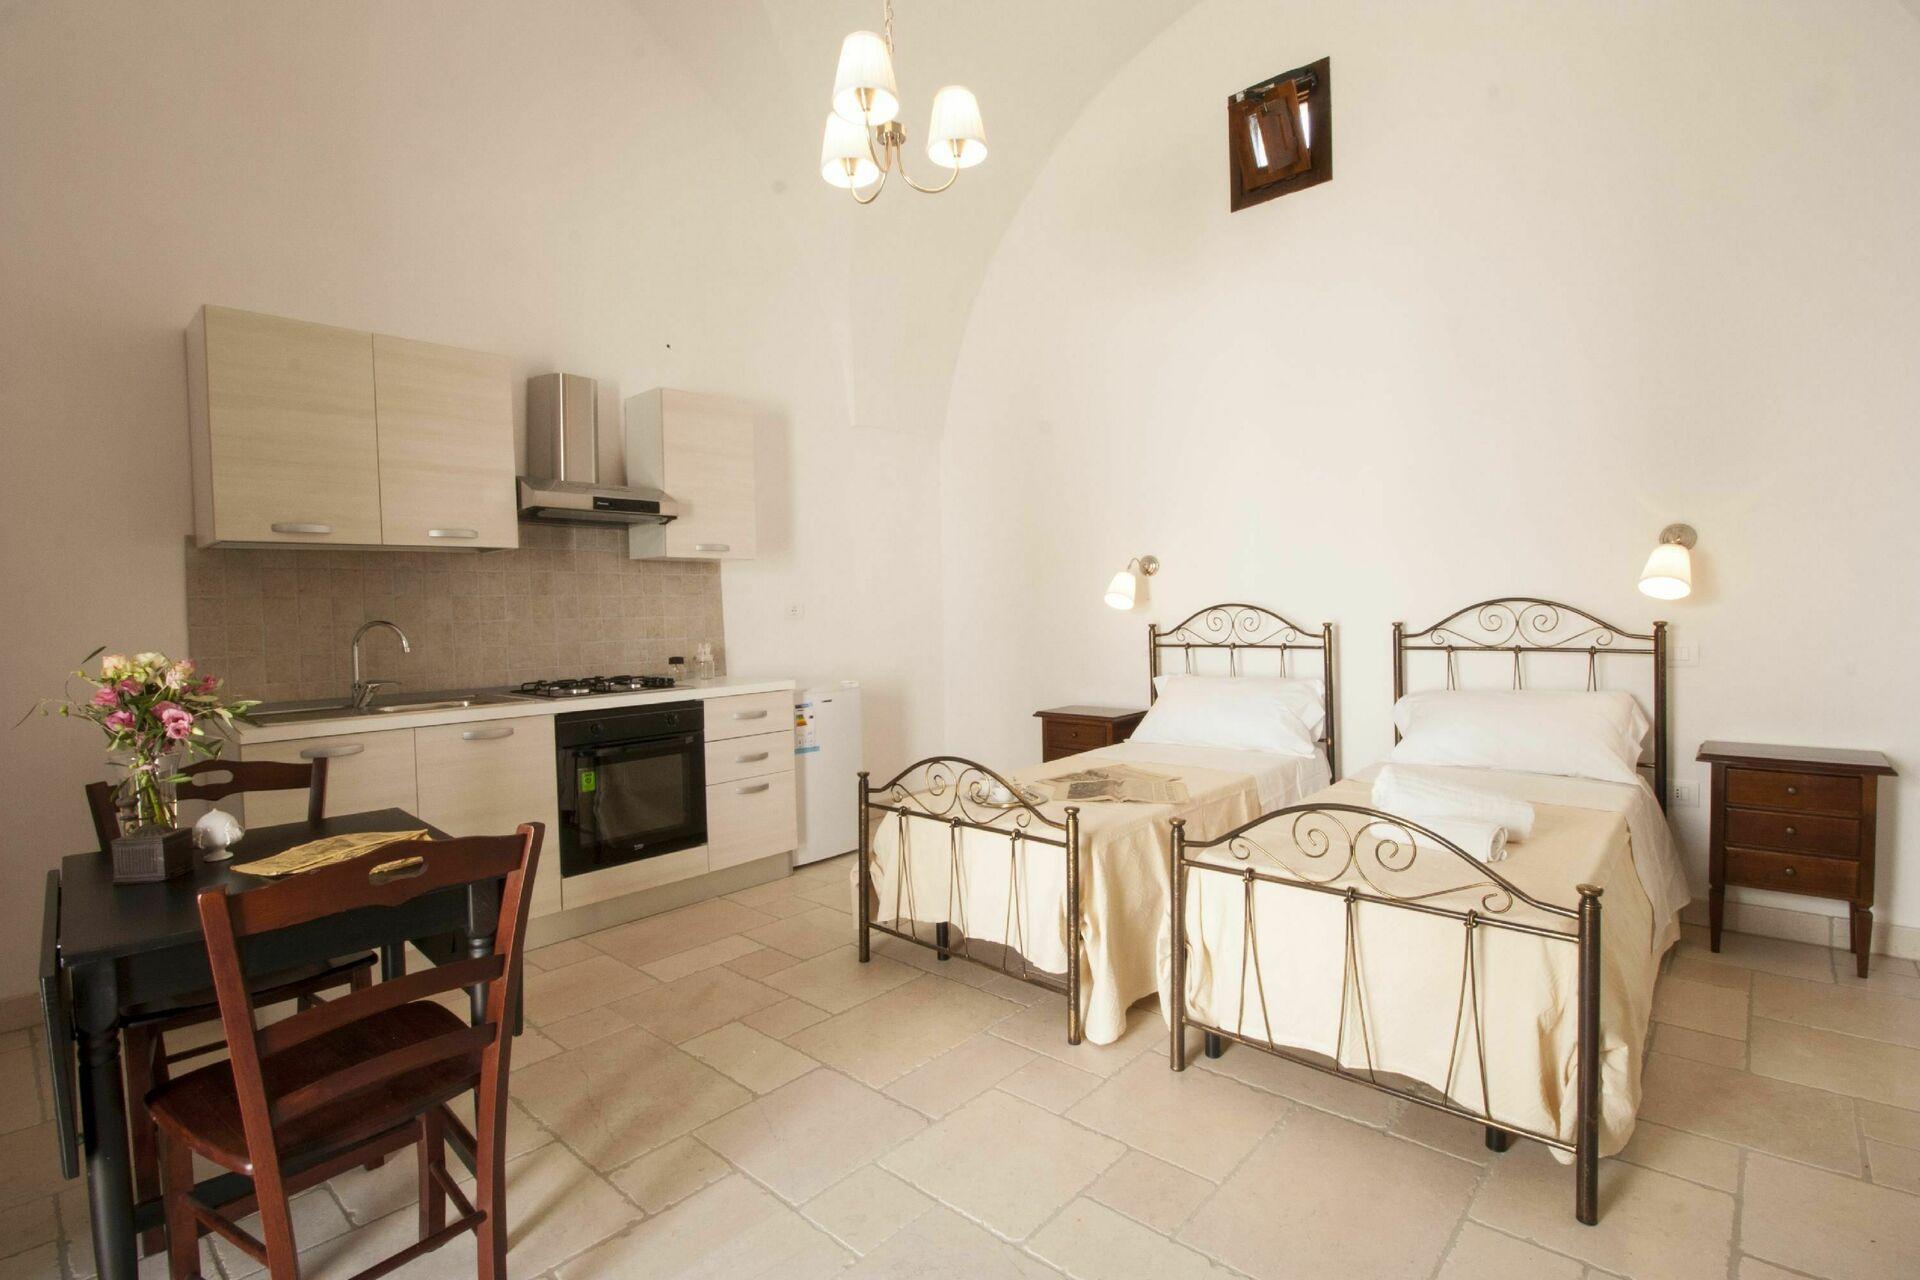 Camere Da Letto Faber.Luxury Faber Mono Appartamento Per Vacanze In Affitto A Racale